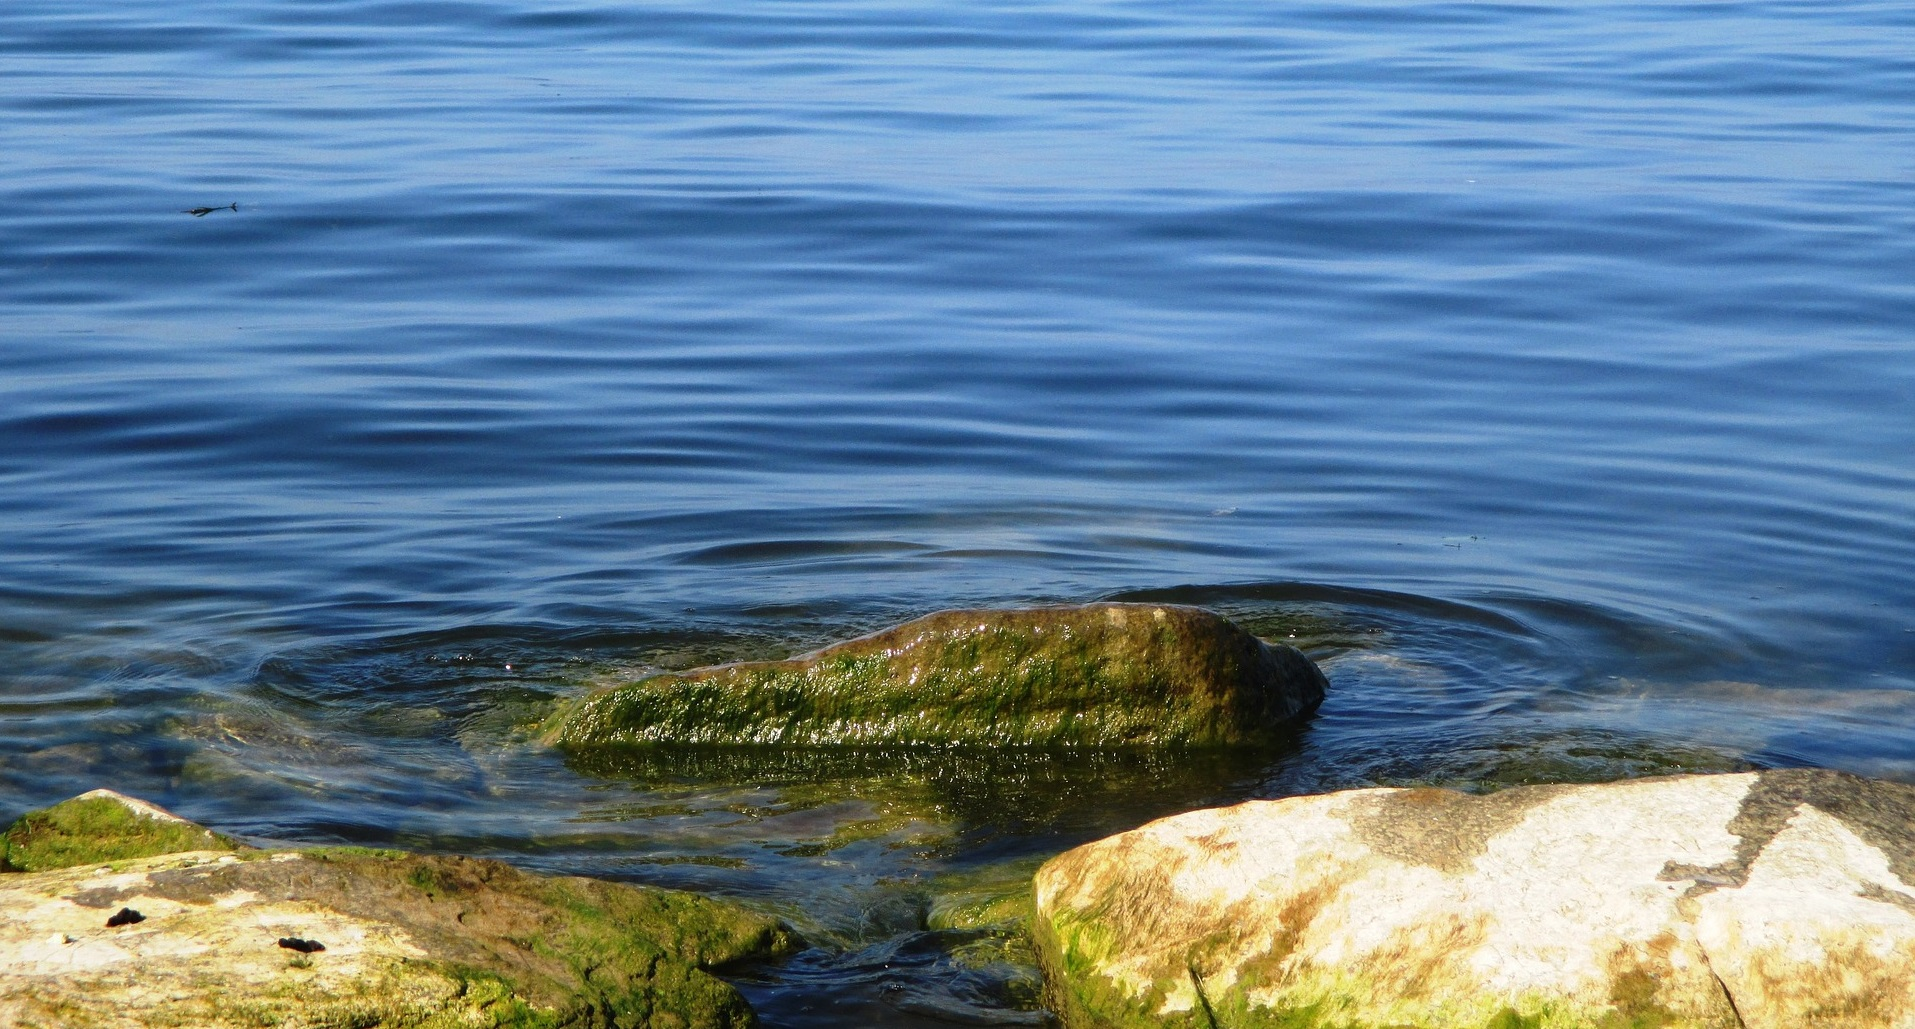 Pomembni sostanovalci morske alge Fucus vesiculosus